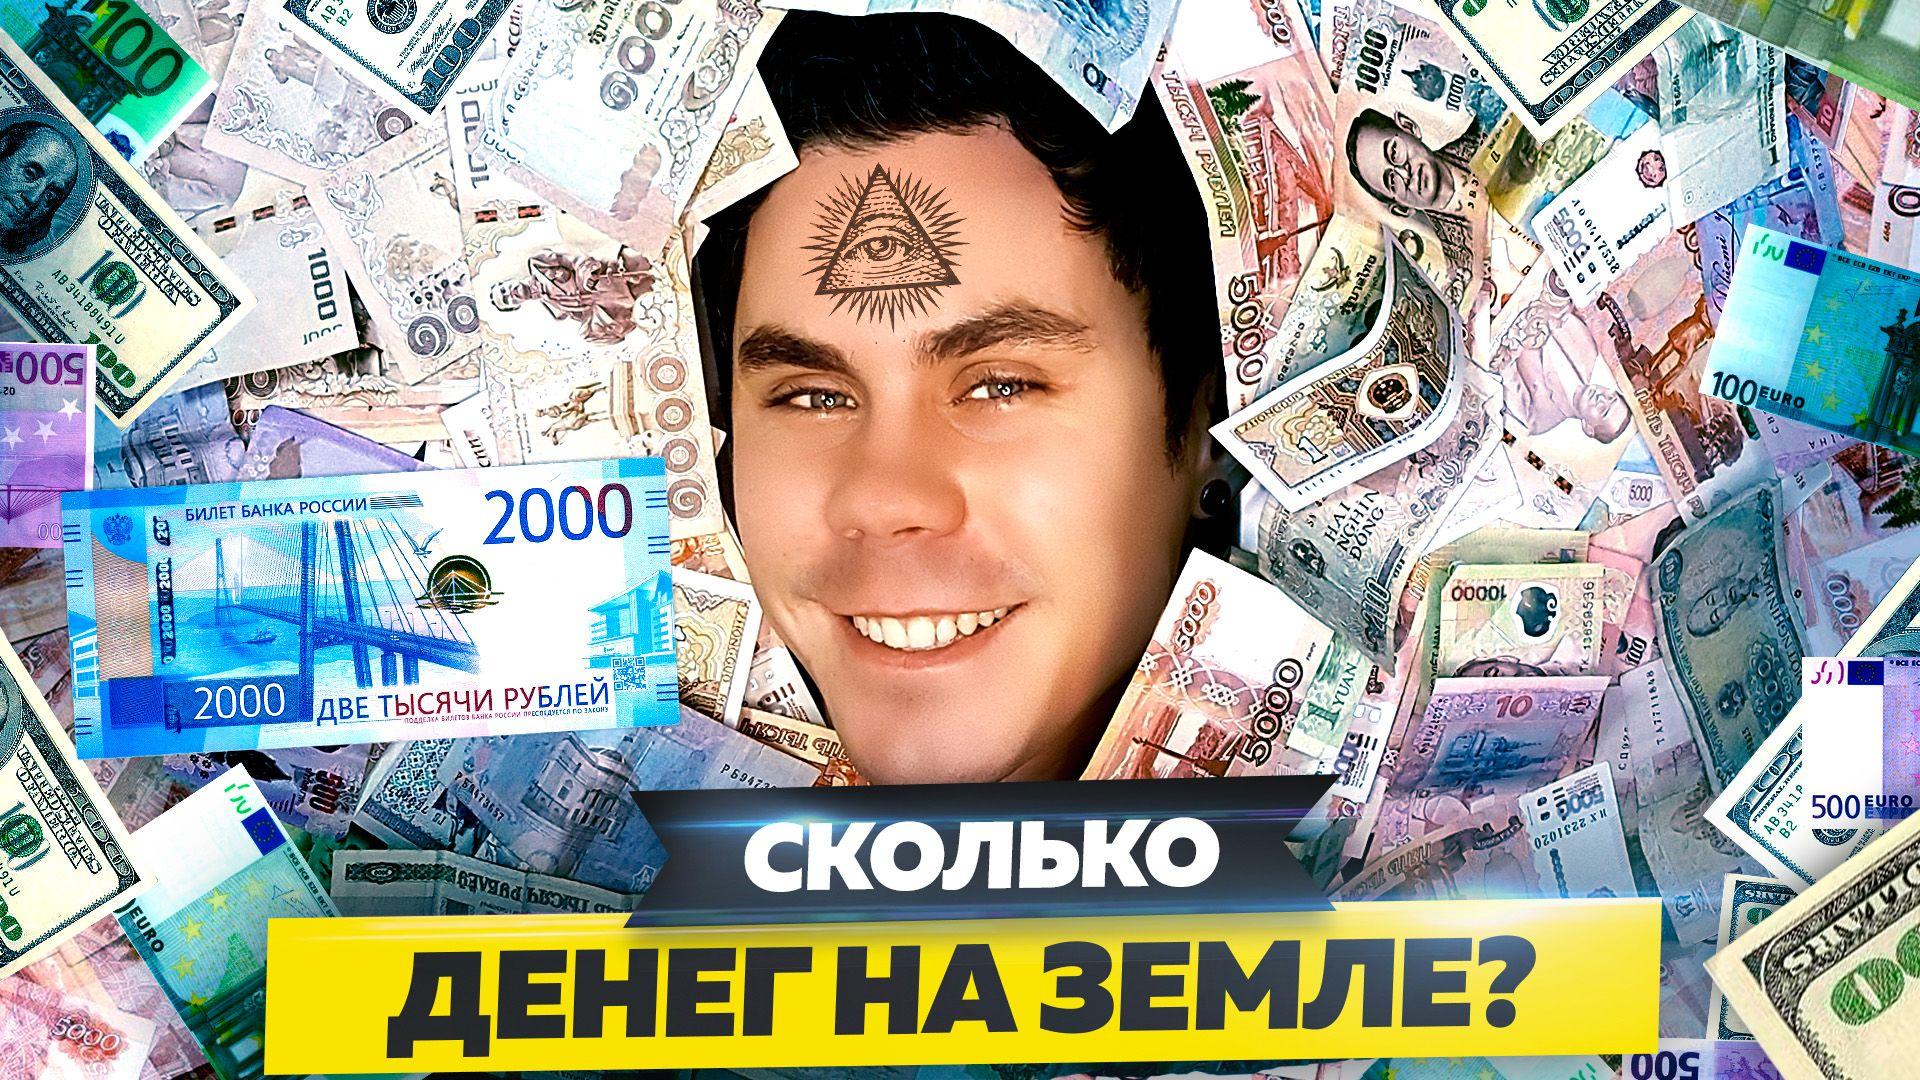 Ян Топлес Сколько денег на земле и сколько они стоят?